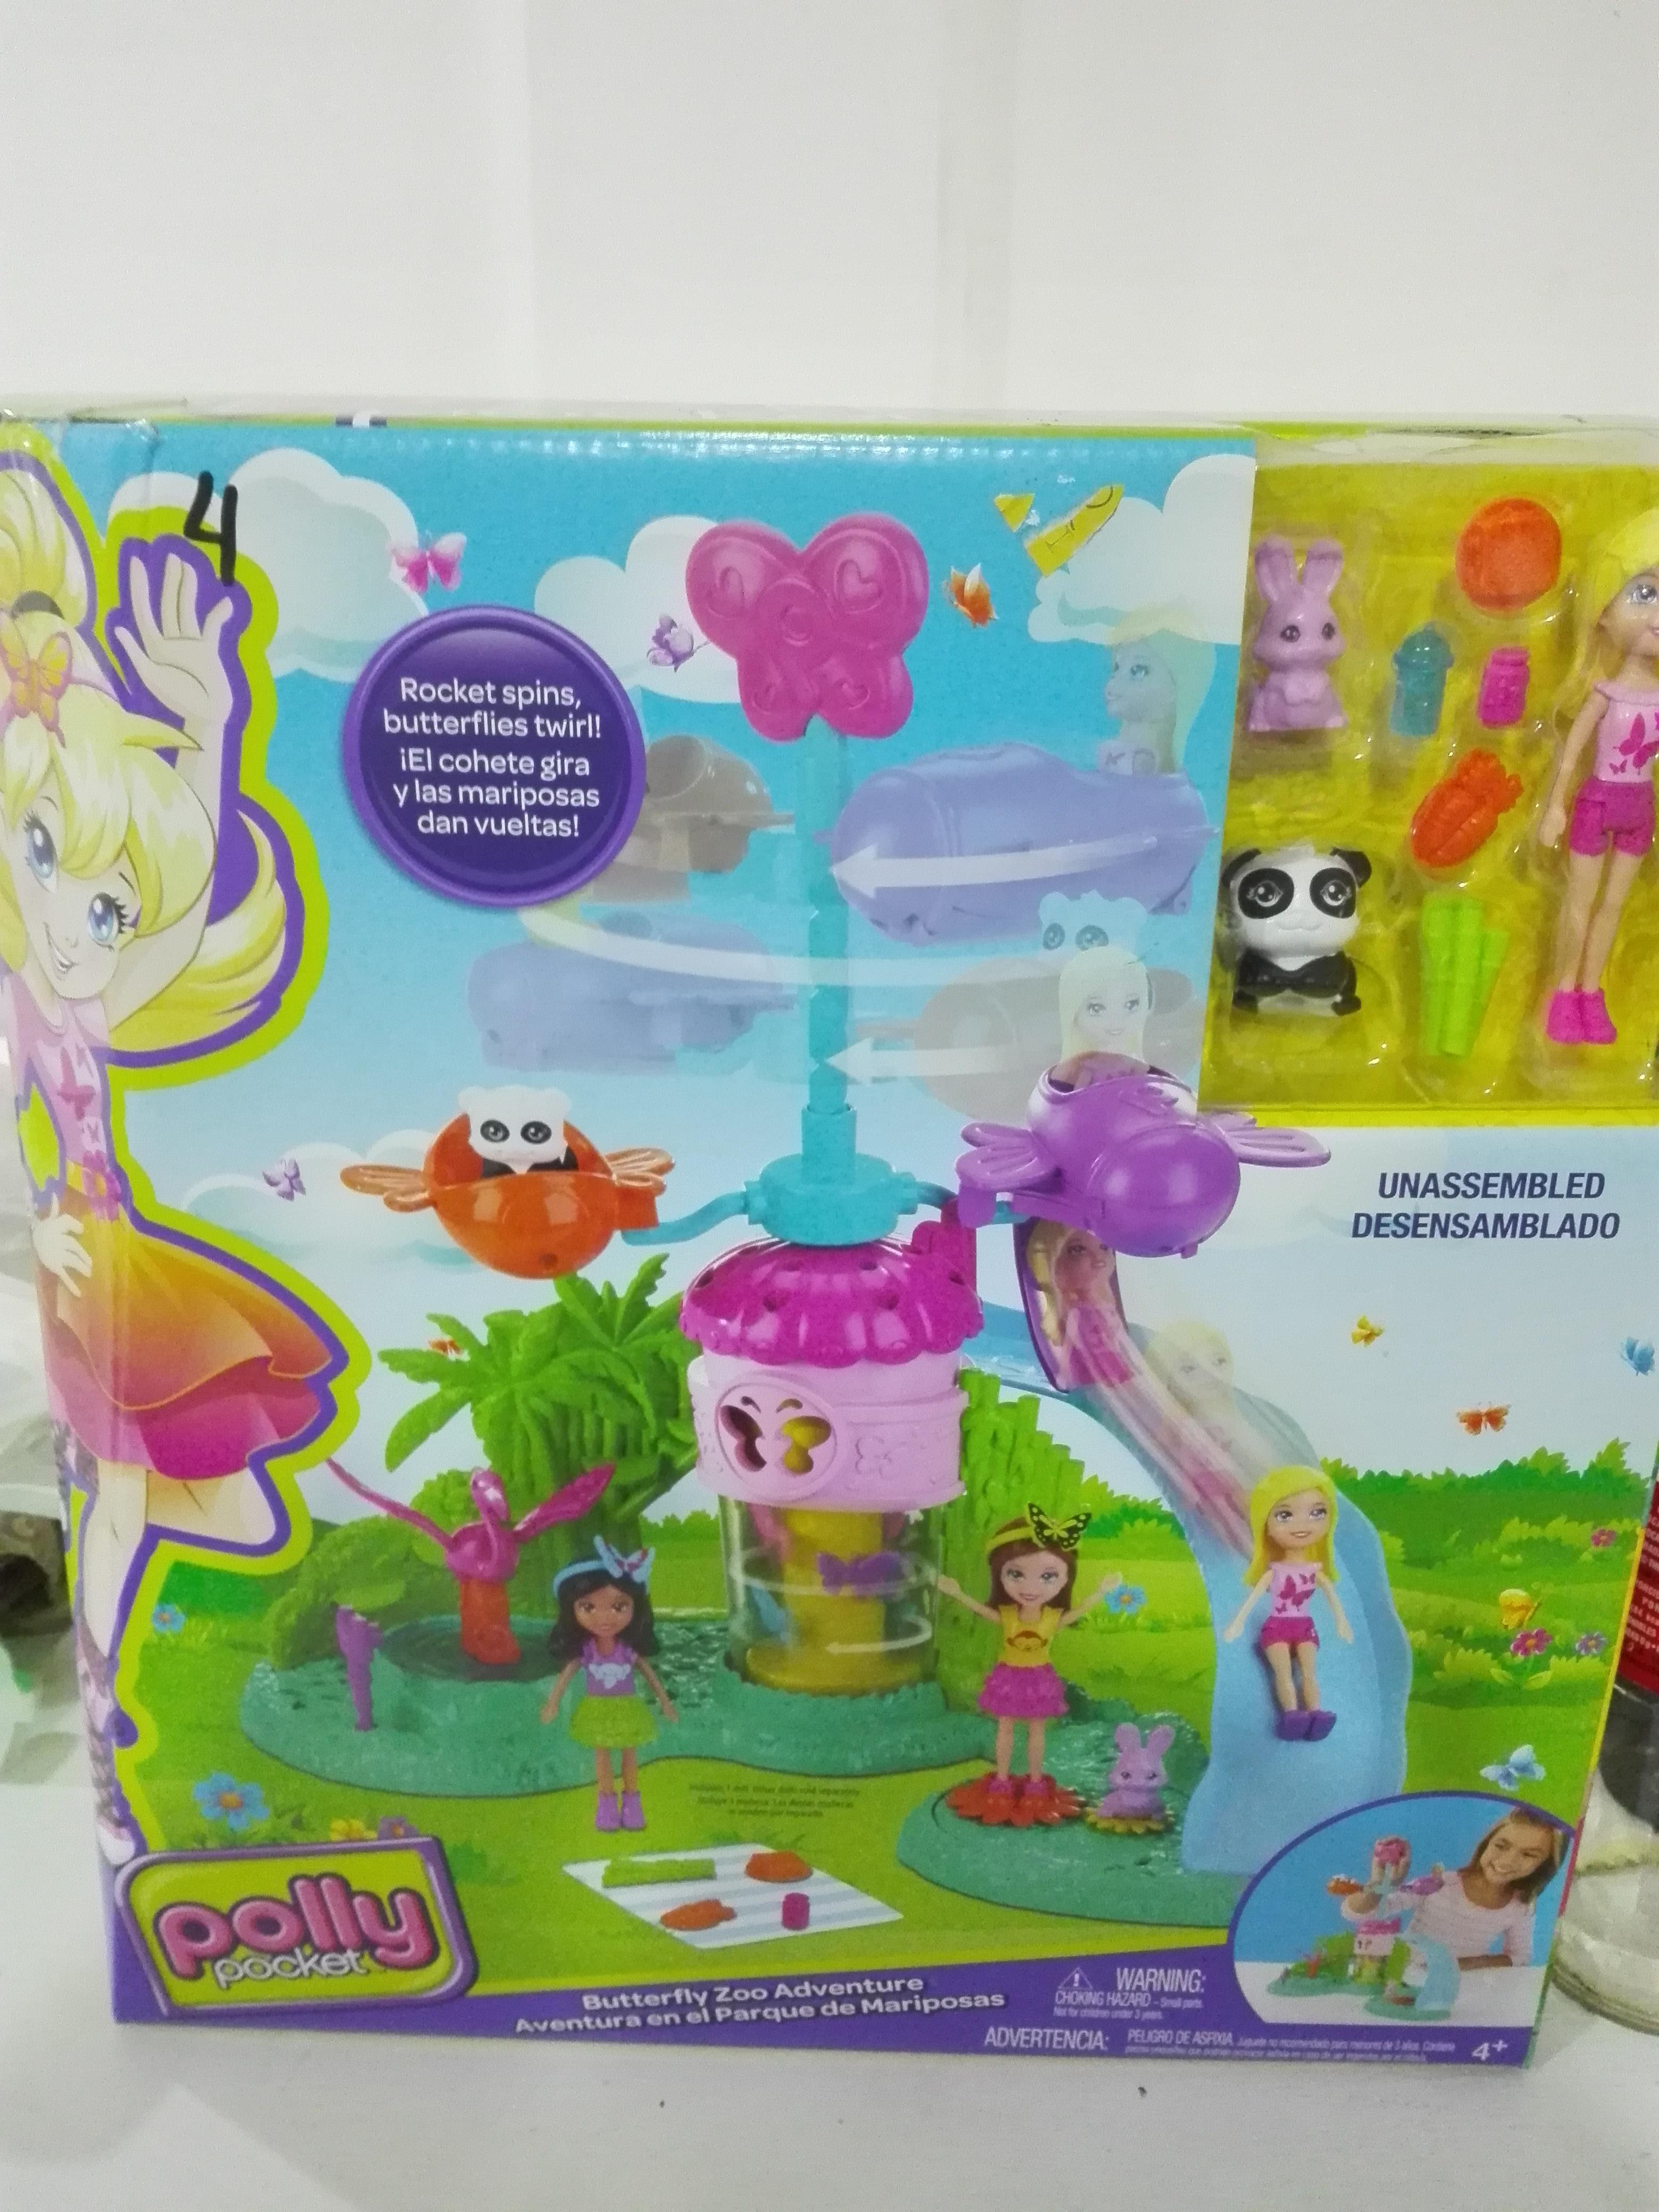 Comercial mexicana ermita iztapalapa: liquidación de juguetes y otros productos II